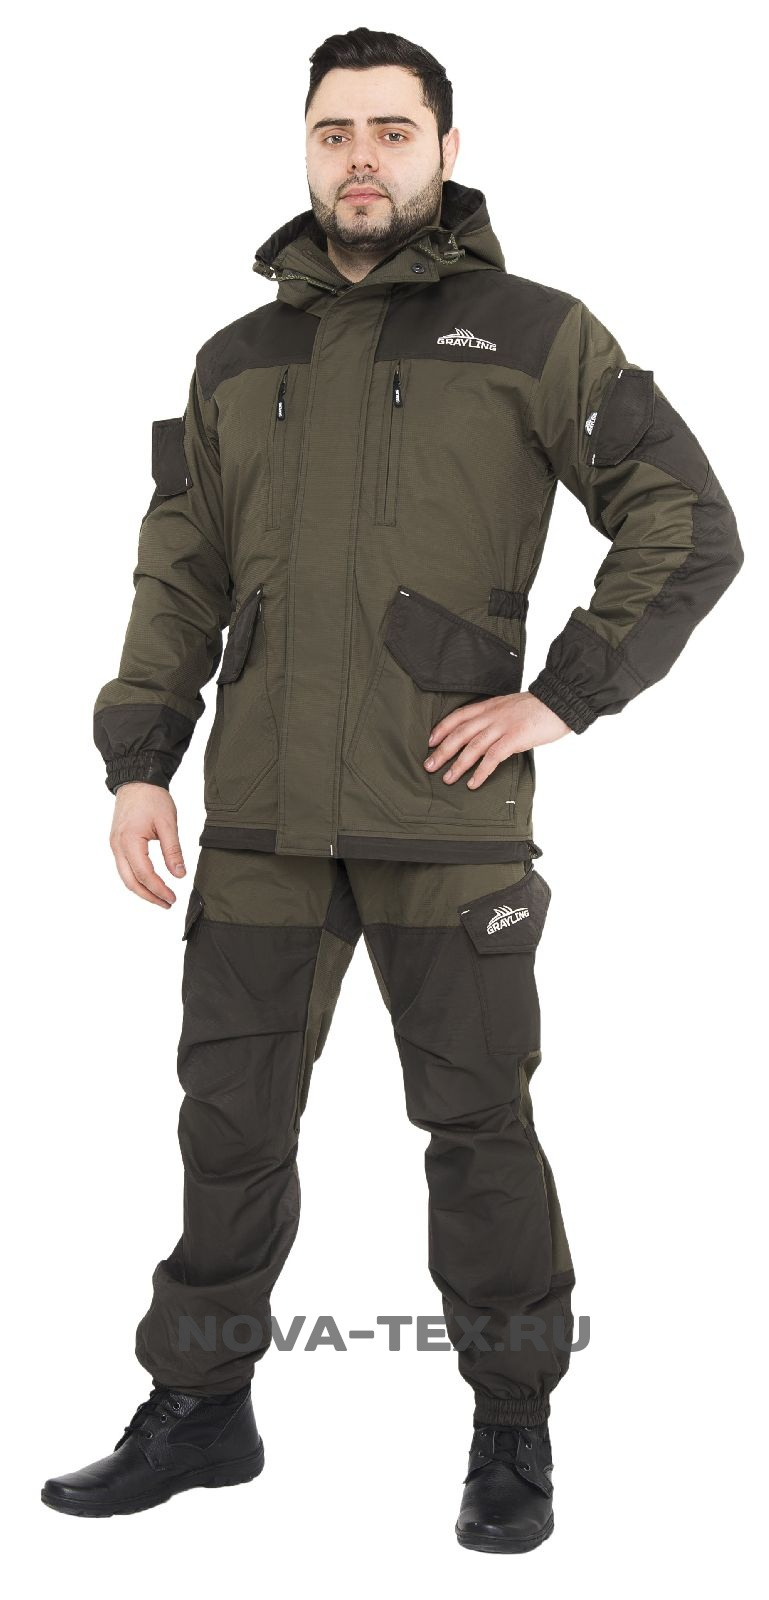 Костюм мужской Скат осень (таслан, хаки), Костюмы неутепленные<br>Костюм «Скат» Осень — относится к элитной <br>рыболовной экипировке коллекции ТМ «Grayling» <br>от компании Novatex. Универсальный костюм «Скат» <br>(дальний родственник знаменитой «Горки») <br>специально адаптирован для людей, увлекающихся <br>рыбалкой. Костюм состоит из длинной куртки <br>и полукомбинезона анатомического кроя. <br>Для изготовления костюма «Скат» Осень применяют <br>современную нейлоновую ткань с мембранным <br>покрытием, с водоупорностью до 5 000 мм вод. <br>ст. Для отделки и армирования используется <br>мембранная ткань «кошачий глаз», которая <br>обладает повышенной износоустойчивостью. <br>Подкладка из флиса гарантирует комфорт <br>и тепло. Костюм «Скат» Осень рекомендован <br>для рыбаков и любителей активного отдыха <br>в весенне-осенний период. Особенности модели: <br>-анатомический крой ткань -мембрана -водонепроницаемость <br>8000 -паропроницаемость 5000 -ветрозащитная <br>ткань -влагозащитная ткань -двойная ветрозащитная <br>планка -двухзамковая молния -капюшон регулируется <br>по ширине -отделка тканью-мембраной -усиление <br>по плечам -усиление на коленях -усиление <br>на локтях -усиление по низу брюк -утяжки <br>в области коленей -утяжки в области локтей <br>-регулируемые подтяжки флисовый подклад<br><br>Пол: мужской<br>Размер: 56-58<br>Рост: 182-188<br>Сезон: демисезонный<br>Материал: мембрана